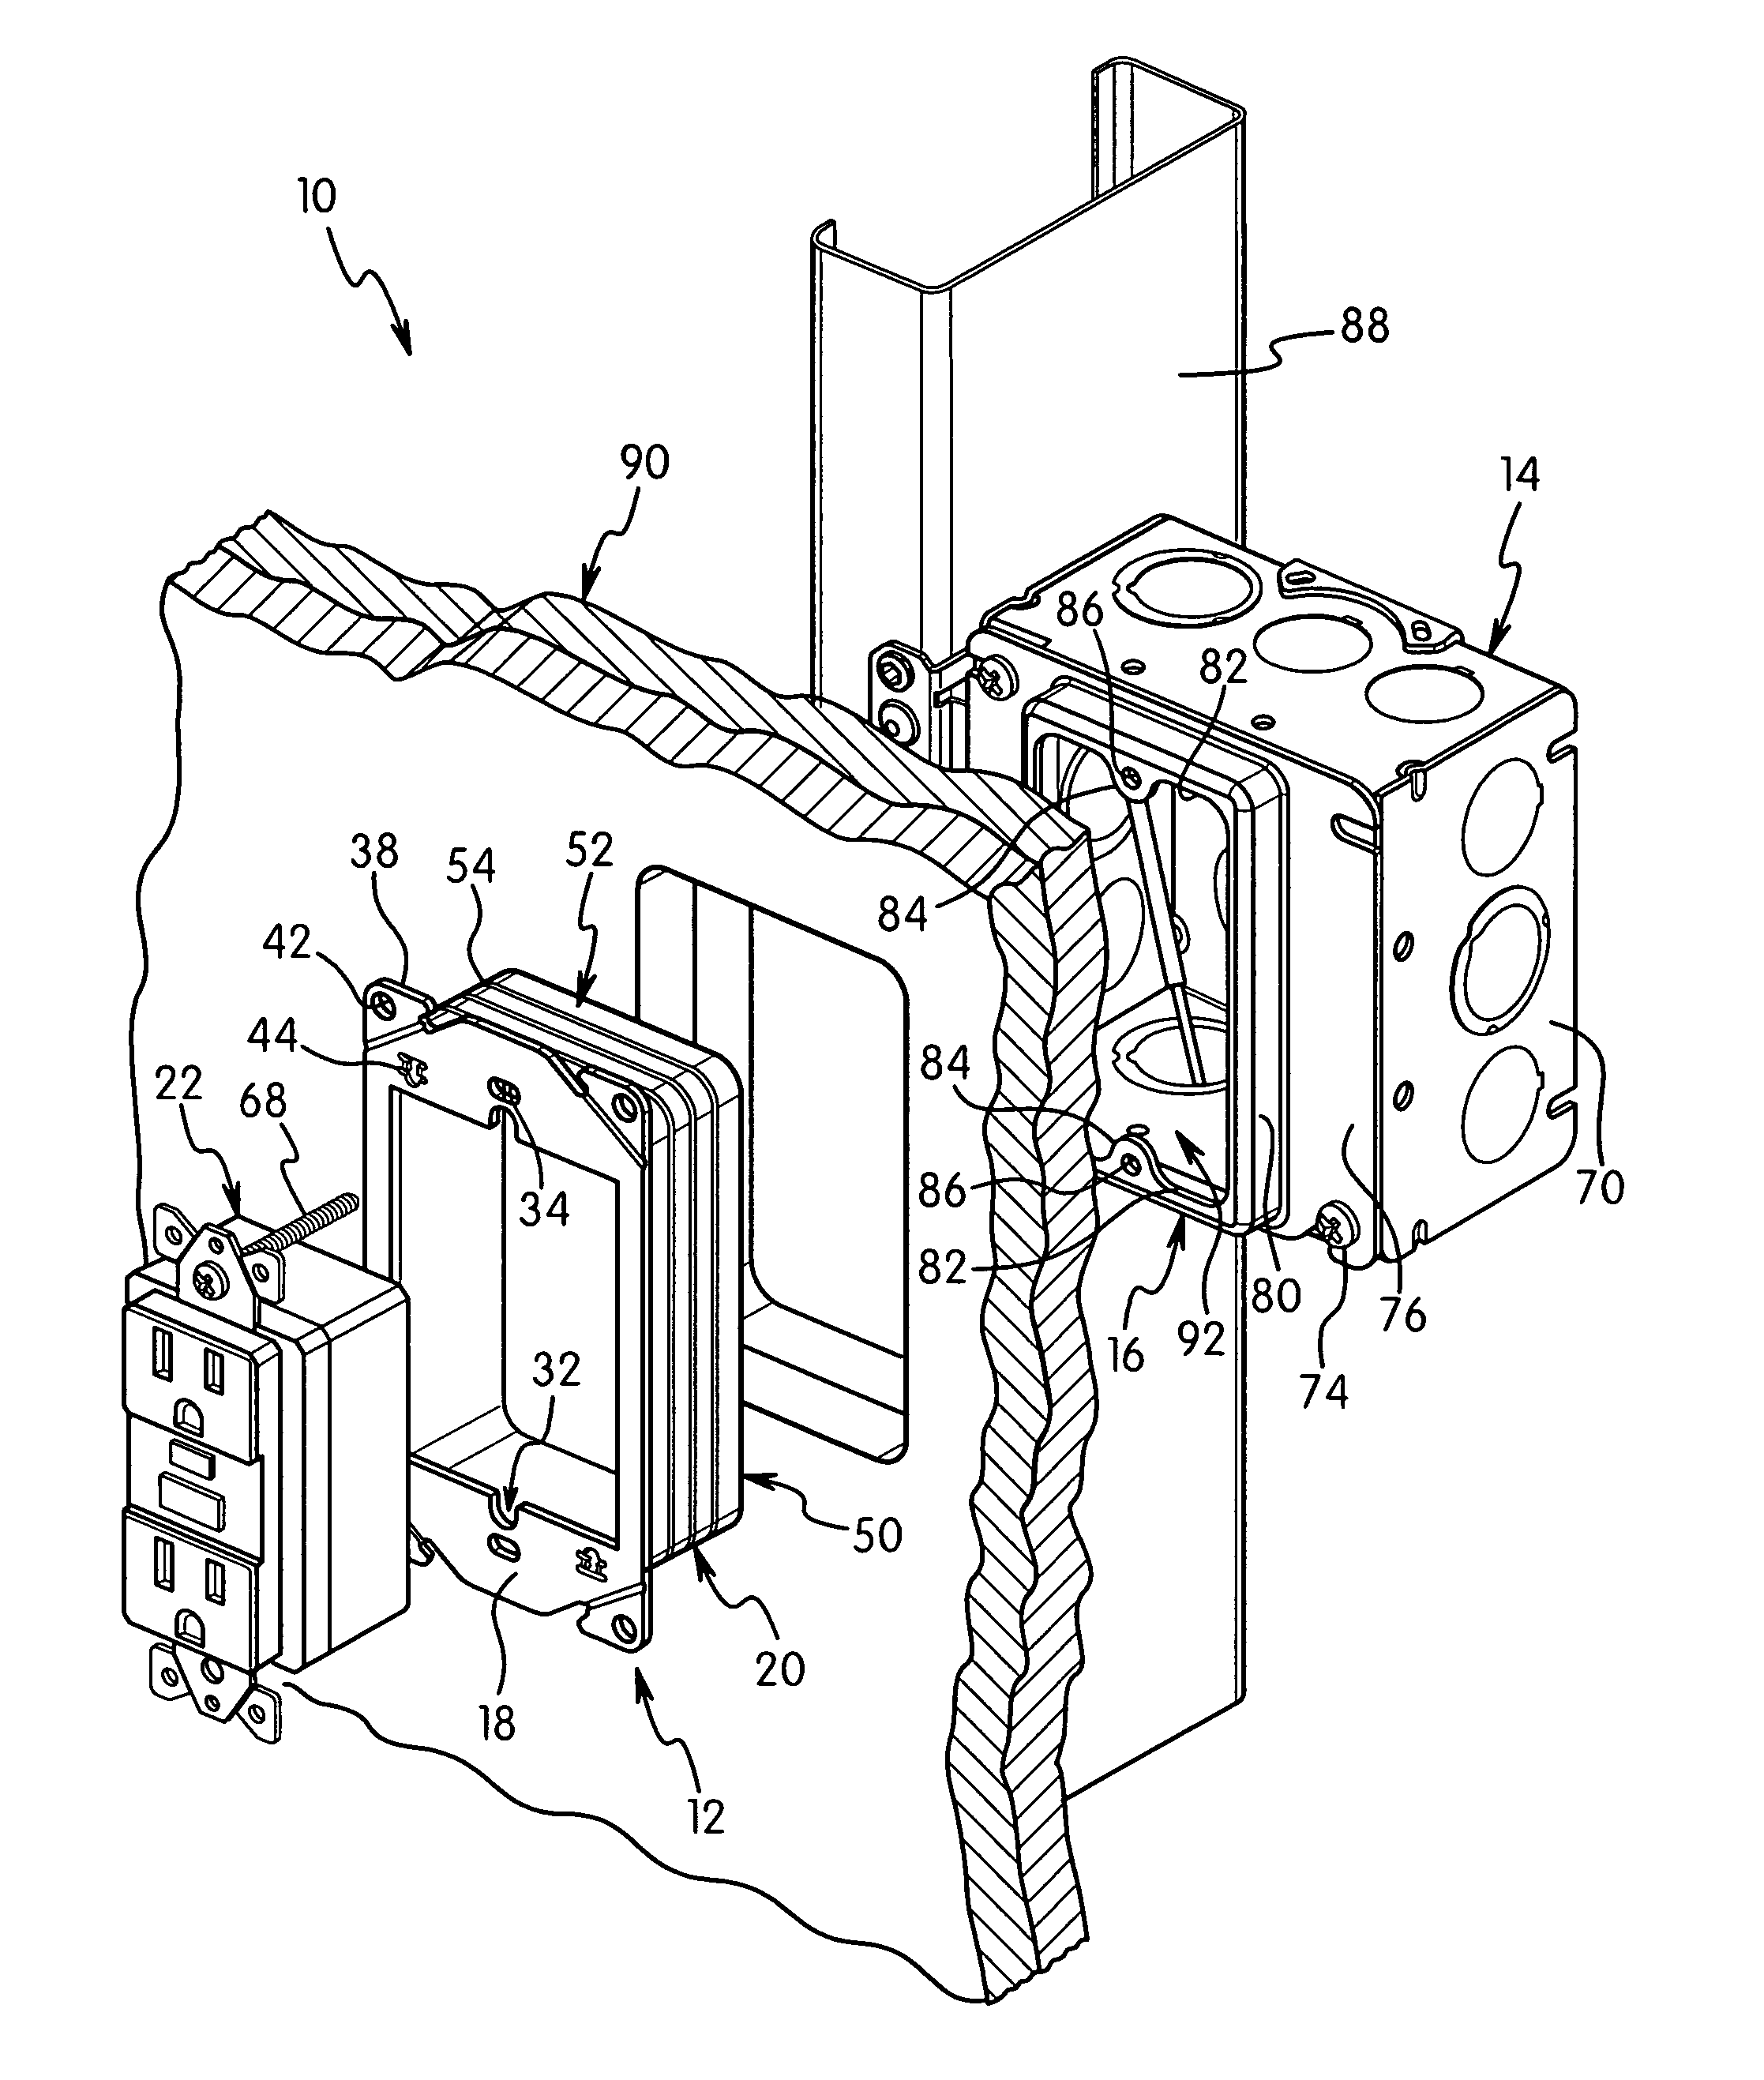 patent us8013243